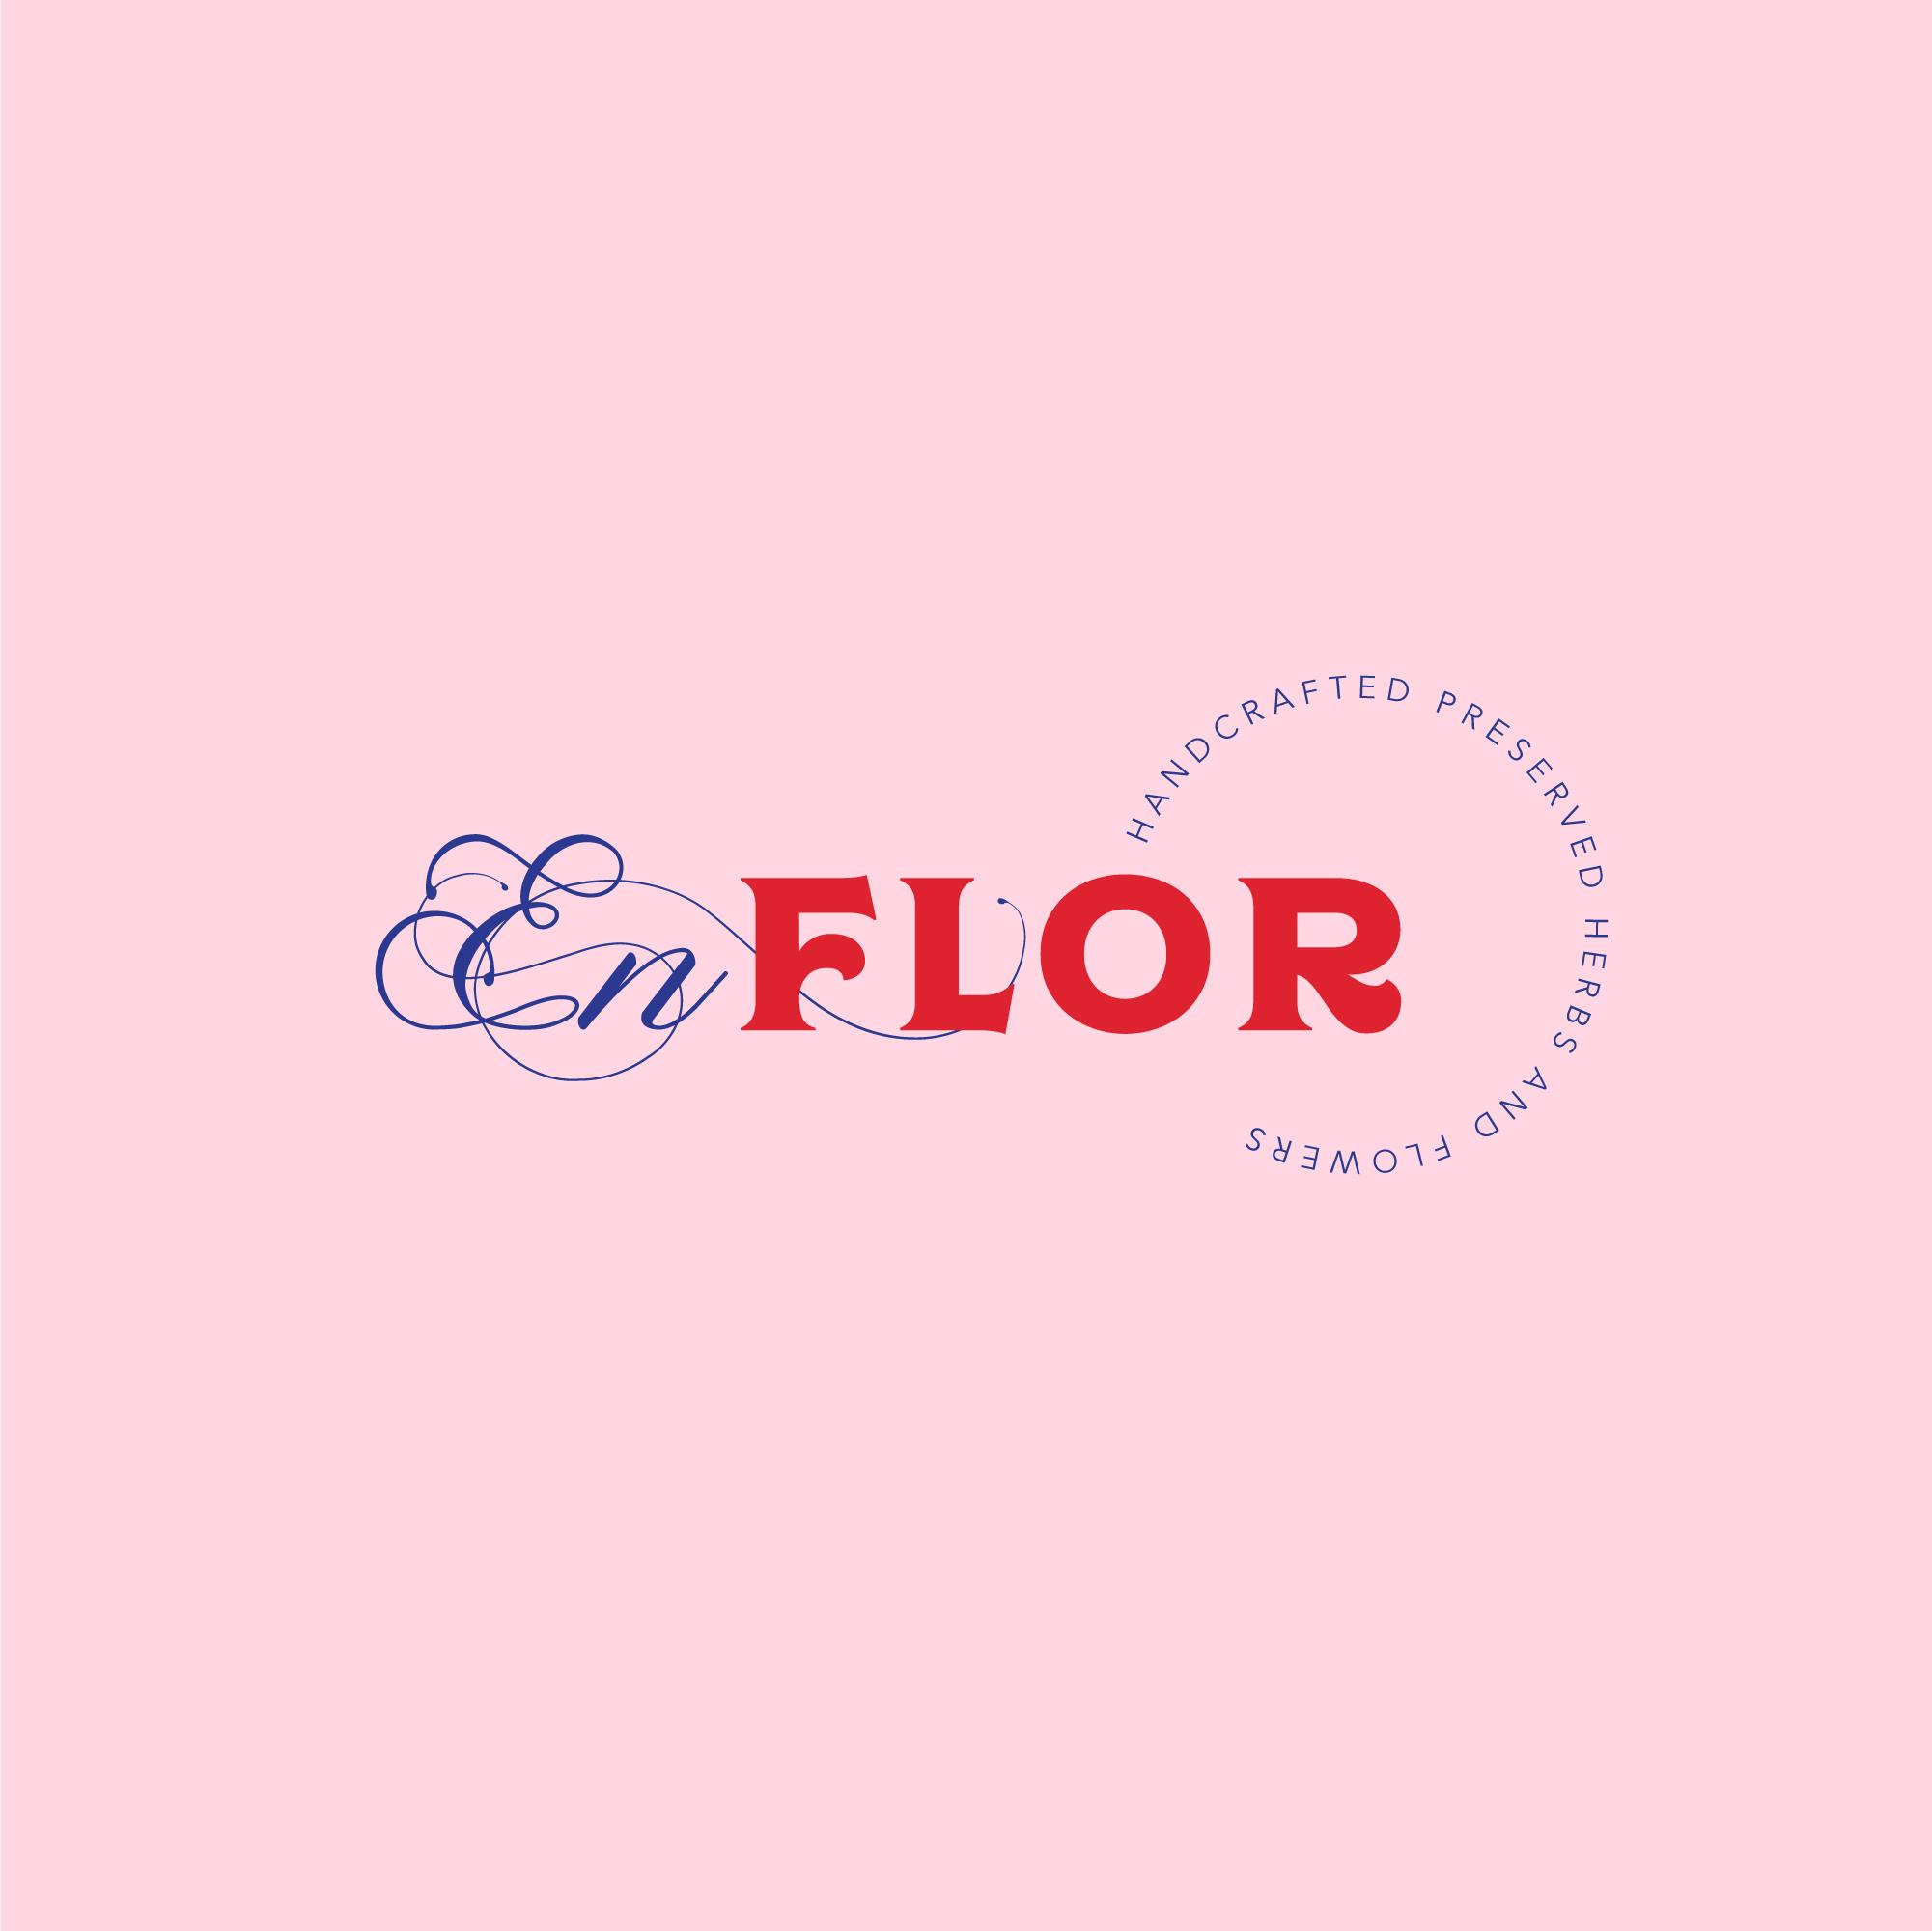 En Flor 2-03.jpg